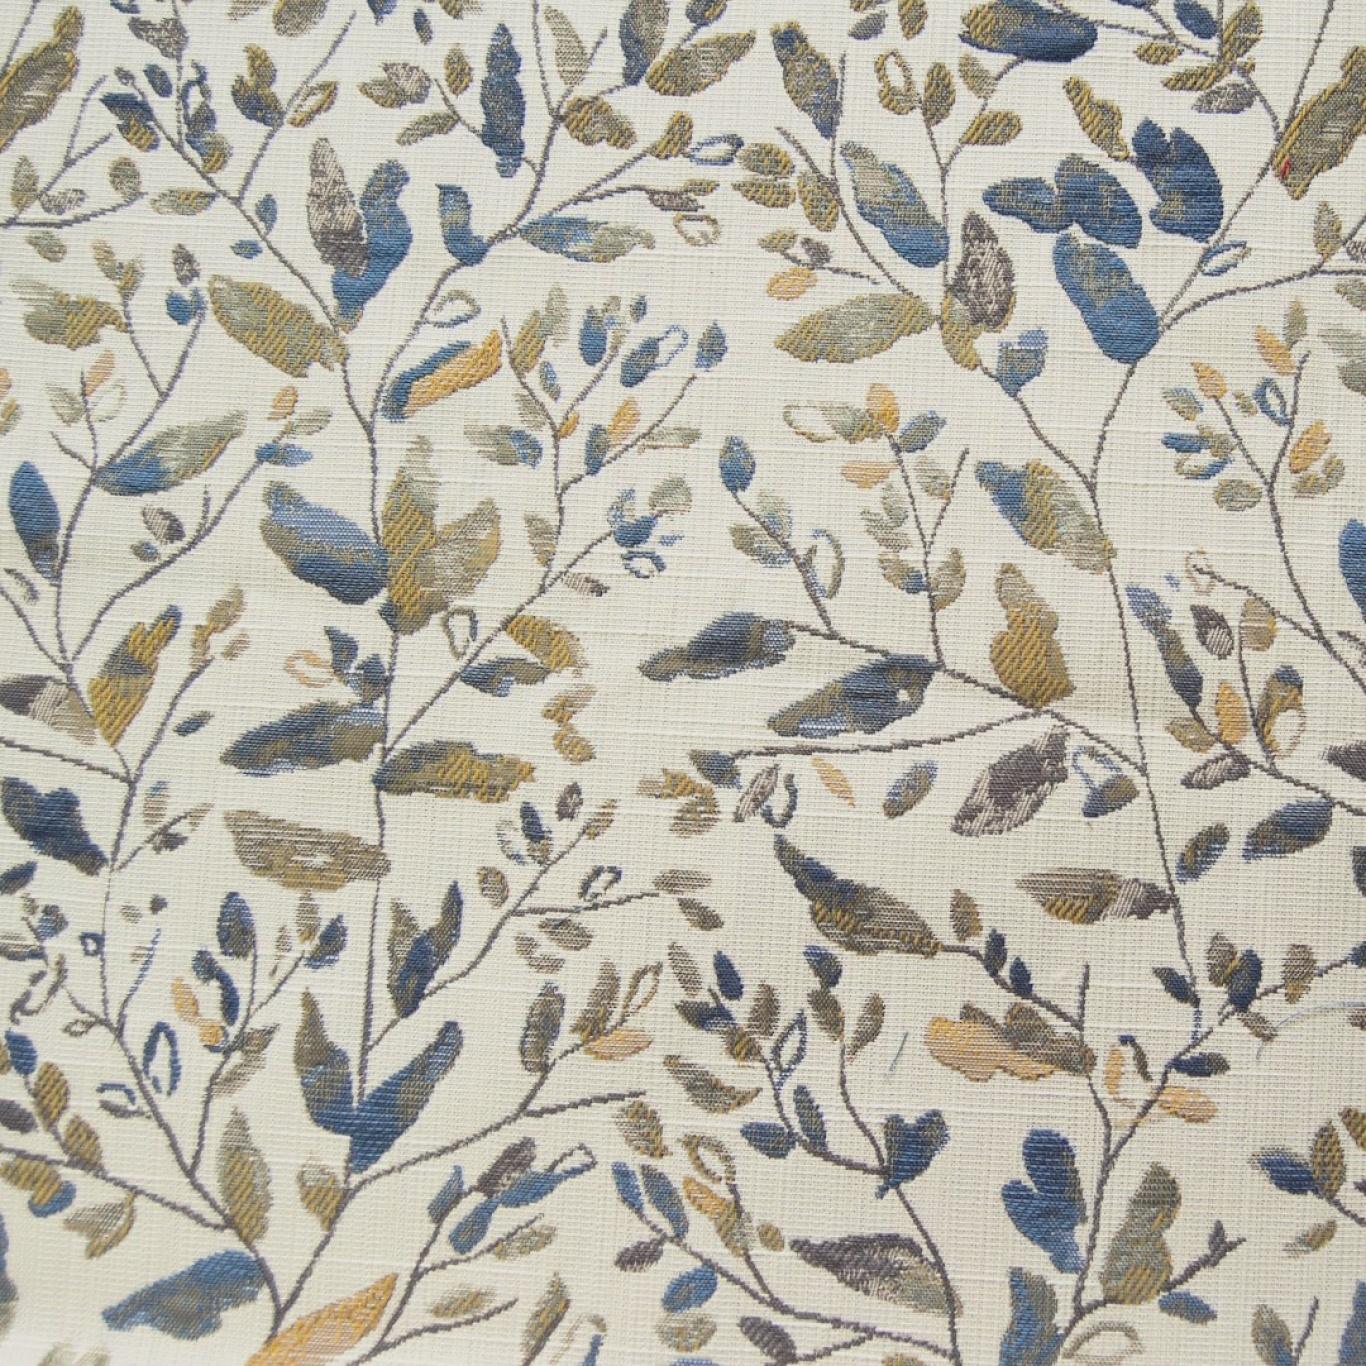 Image of Voyage Misley Lemongrass Curtain Fabric